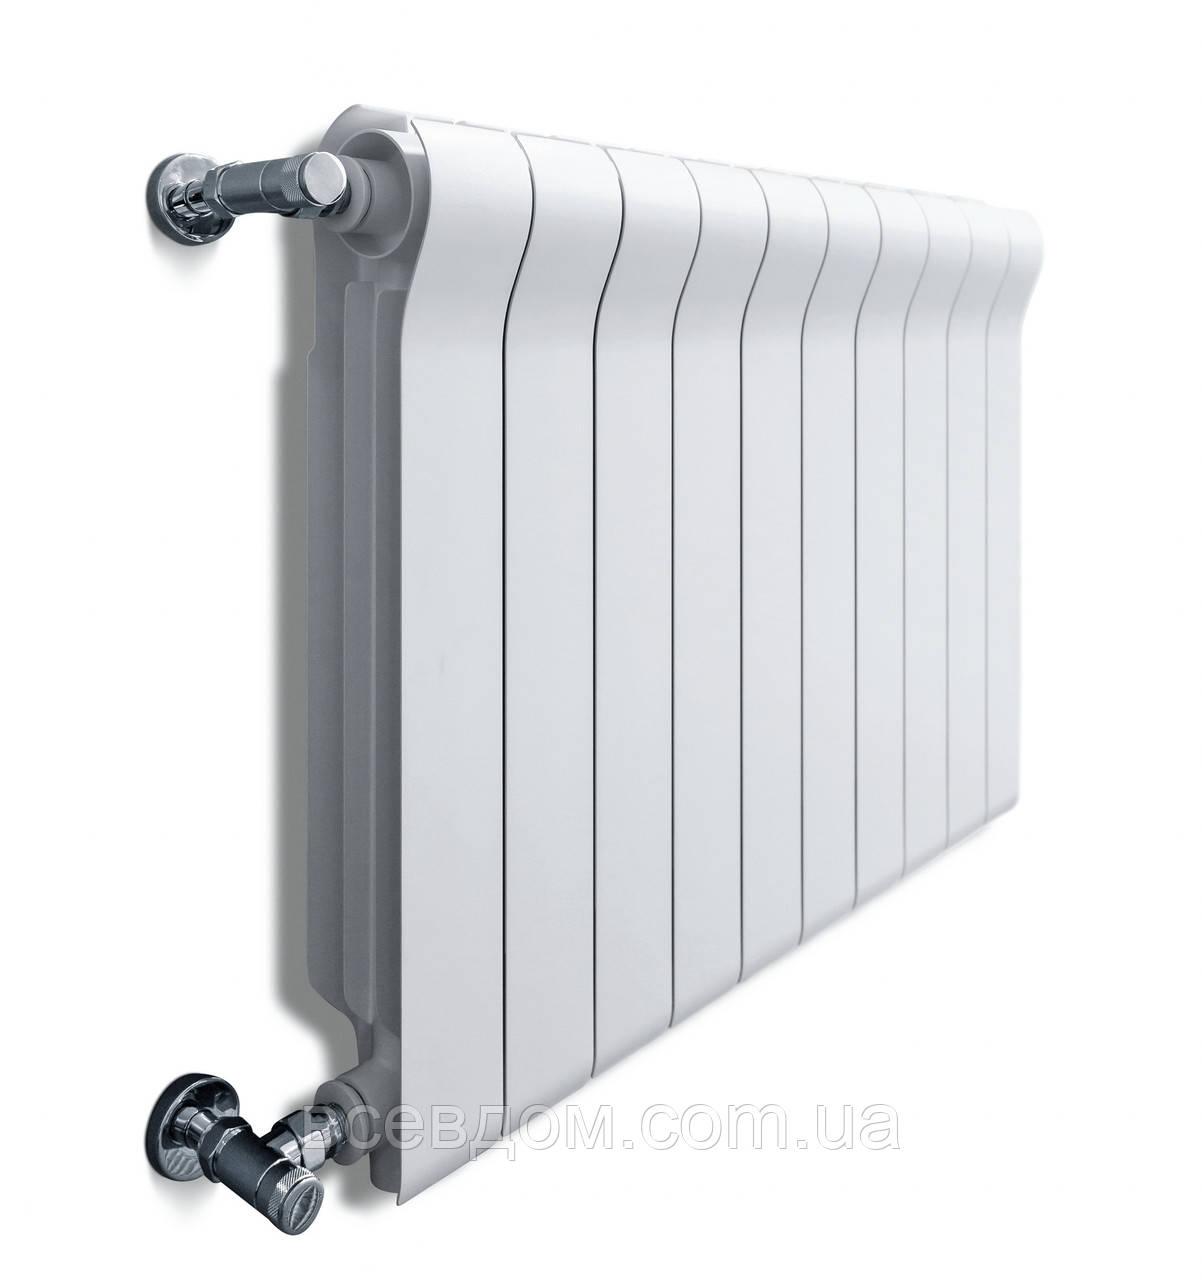 Алюминиевый радиатор Radiatori 2000 Ottimo 500/100